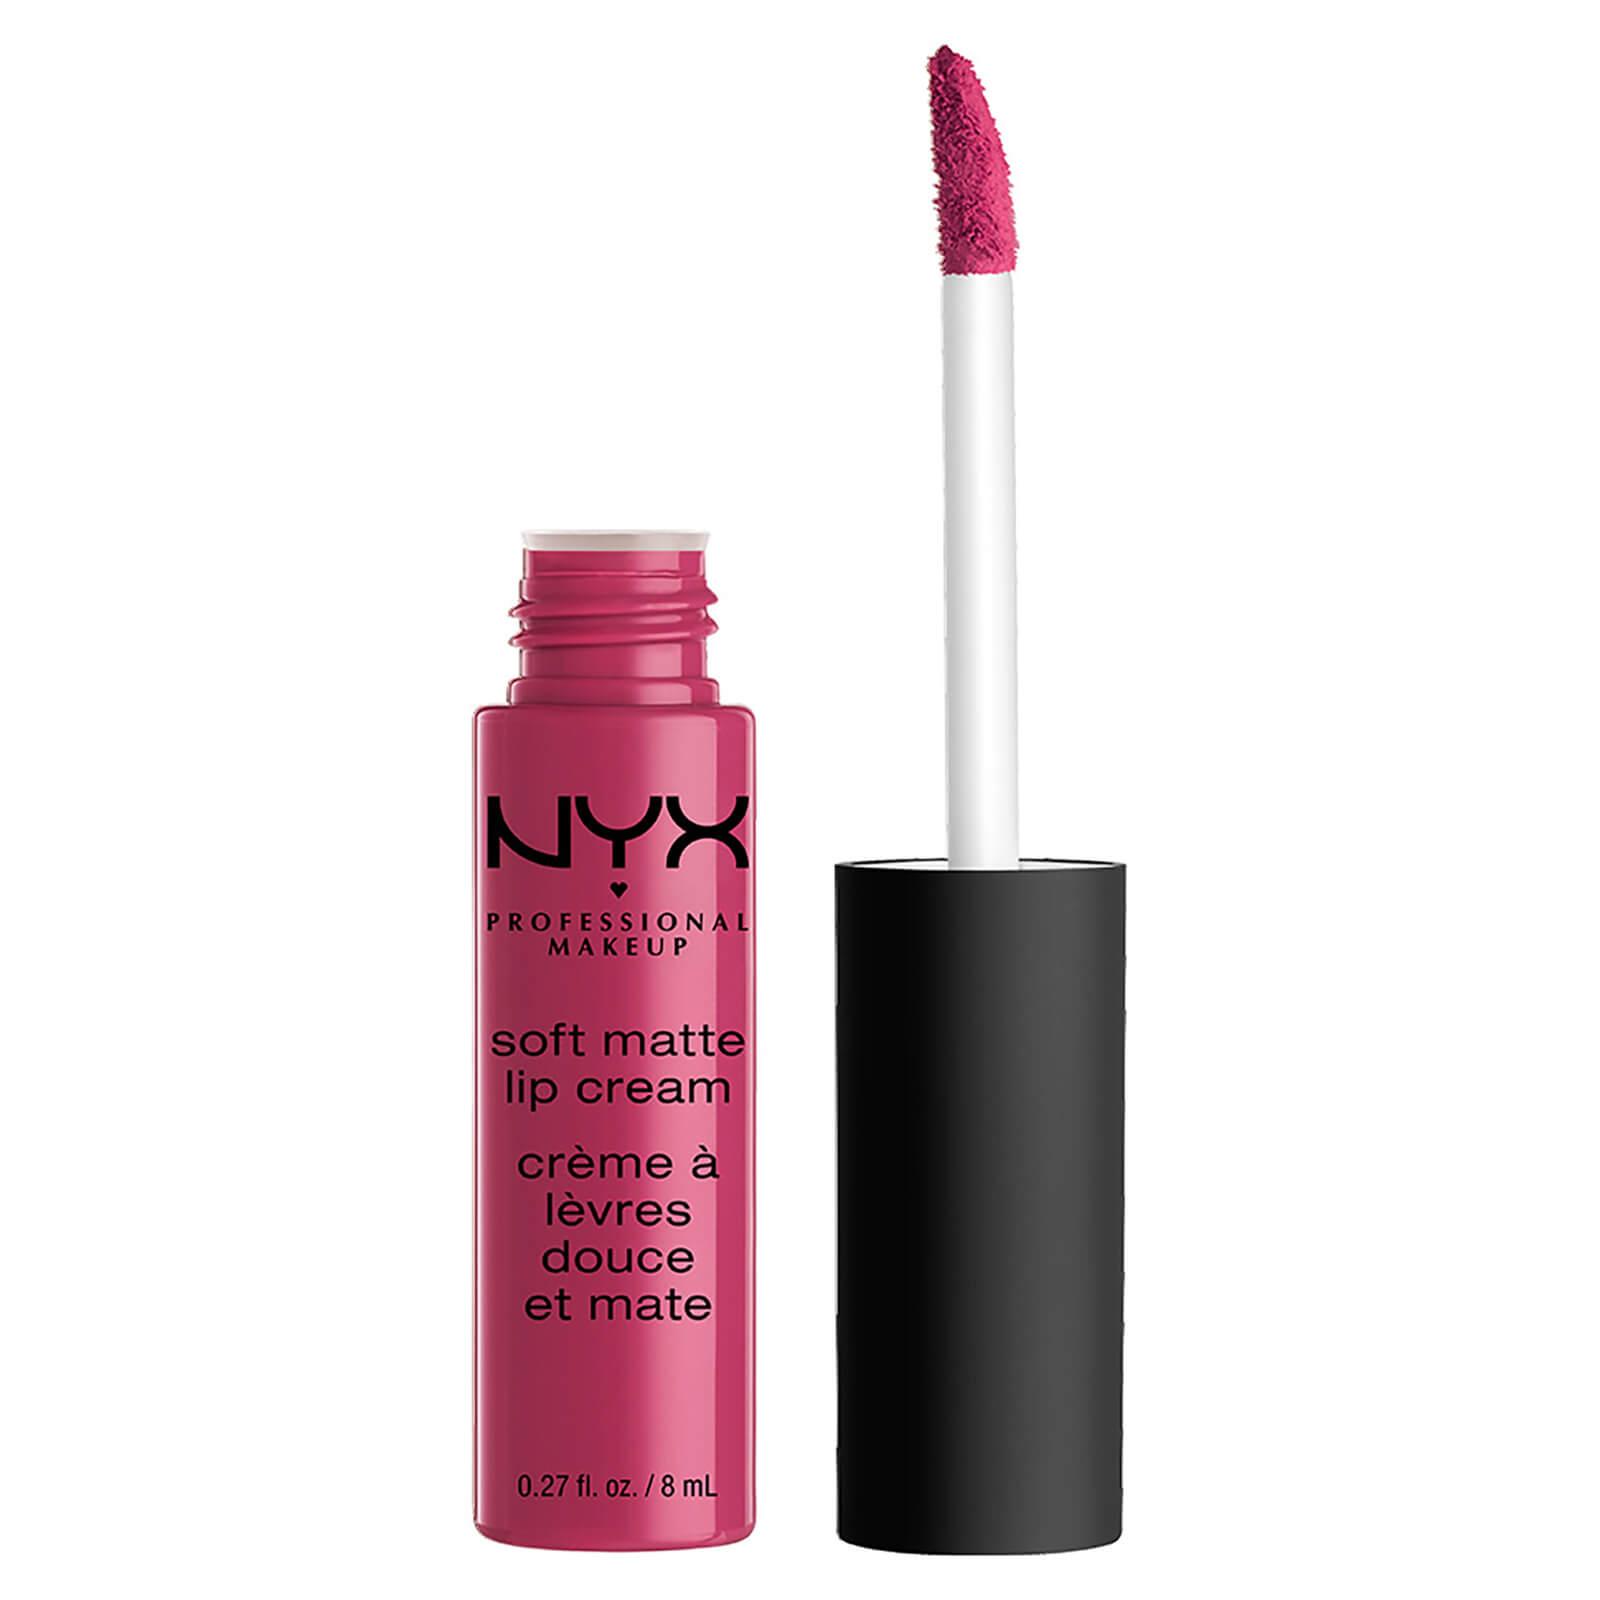 Купить Матовая жидкая помада NYX Professional Makeup Soft Matte Lip Cream (разные оттенки) - Prague